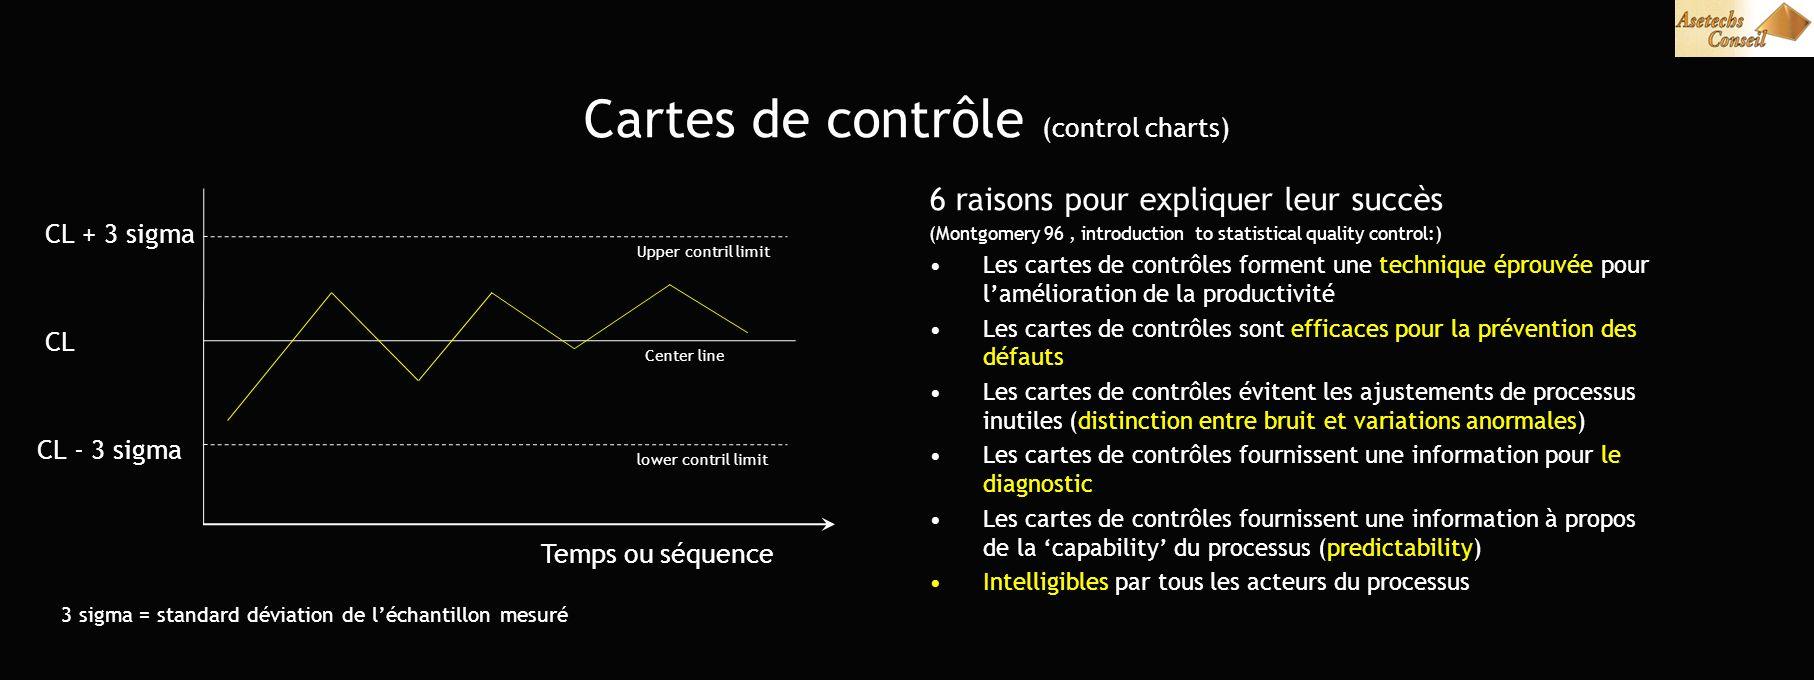 Cartes de contrôle (control charts) 6 raisons pour expliquer leur succès (Montgomery 96, introduction to statistical quality control:) Les cartes de c